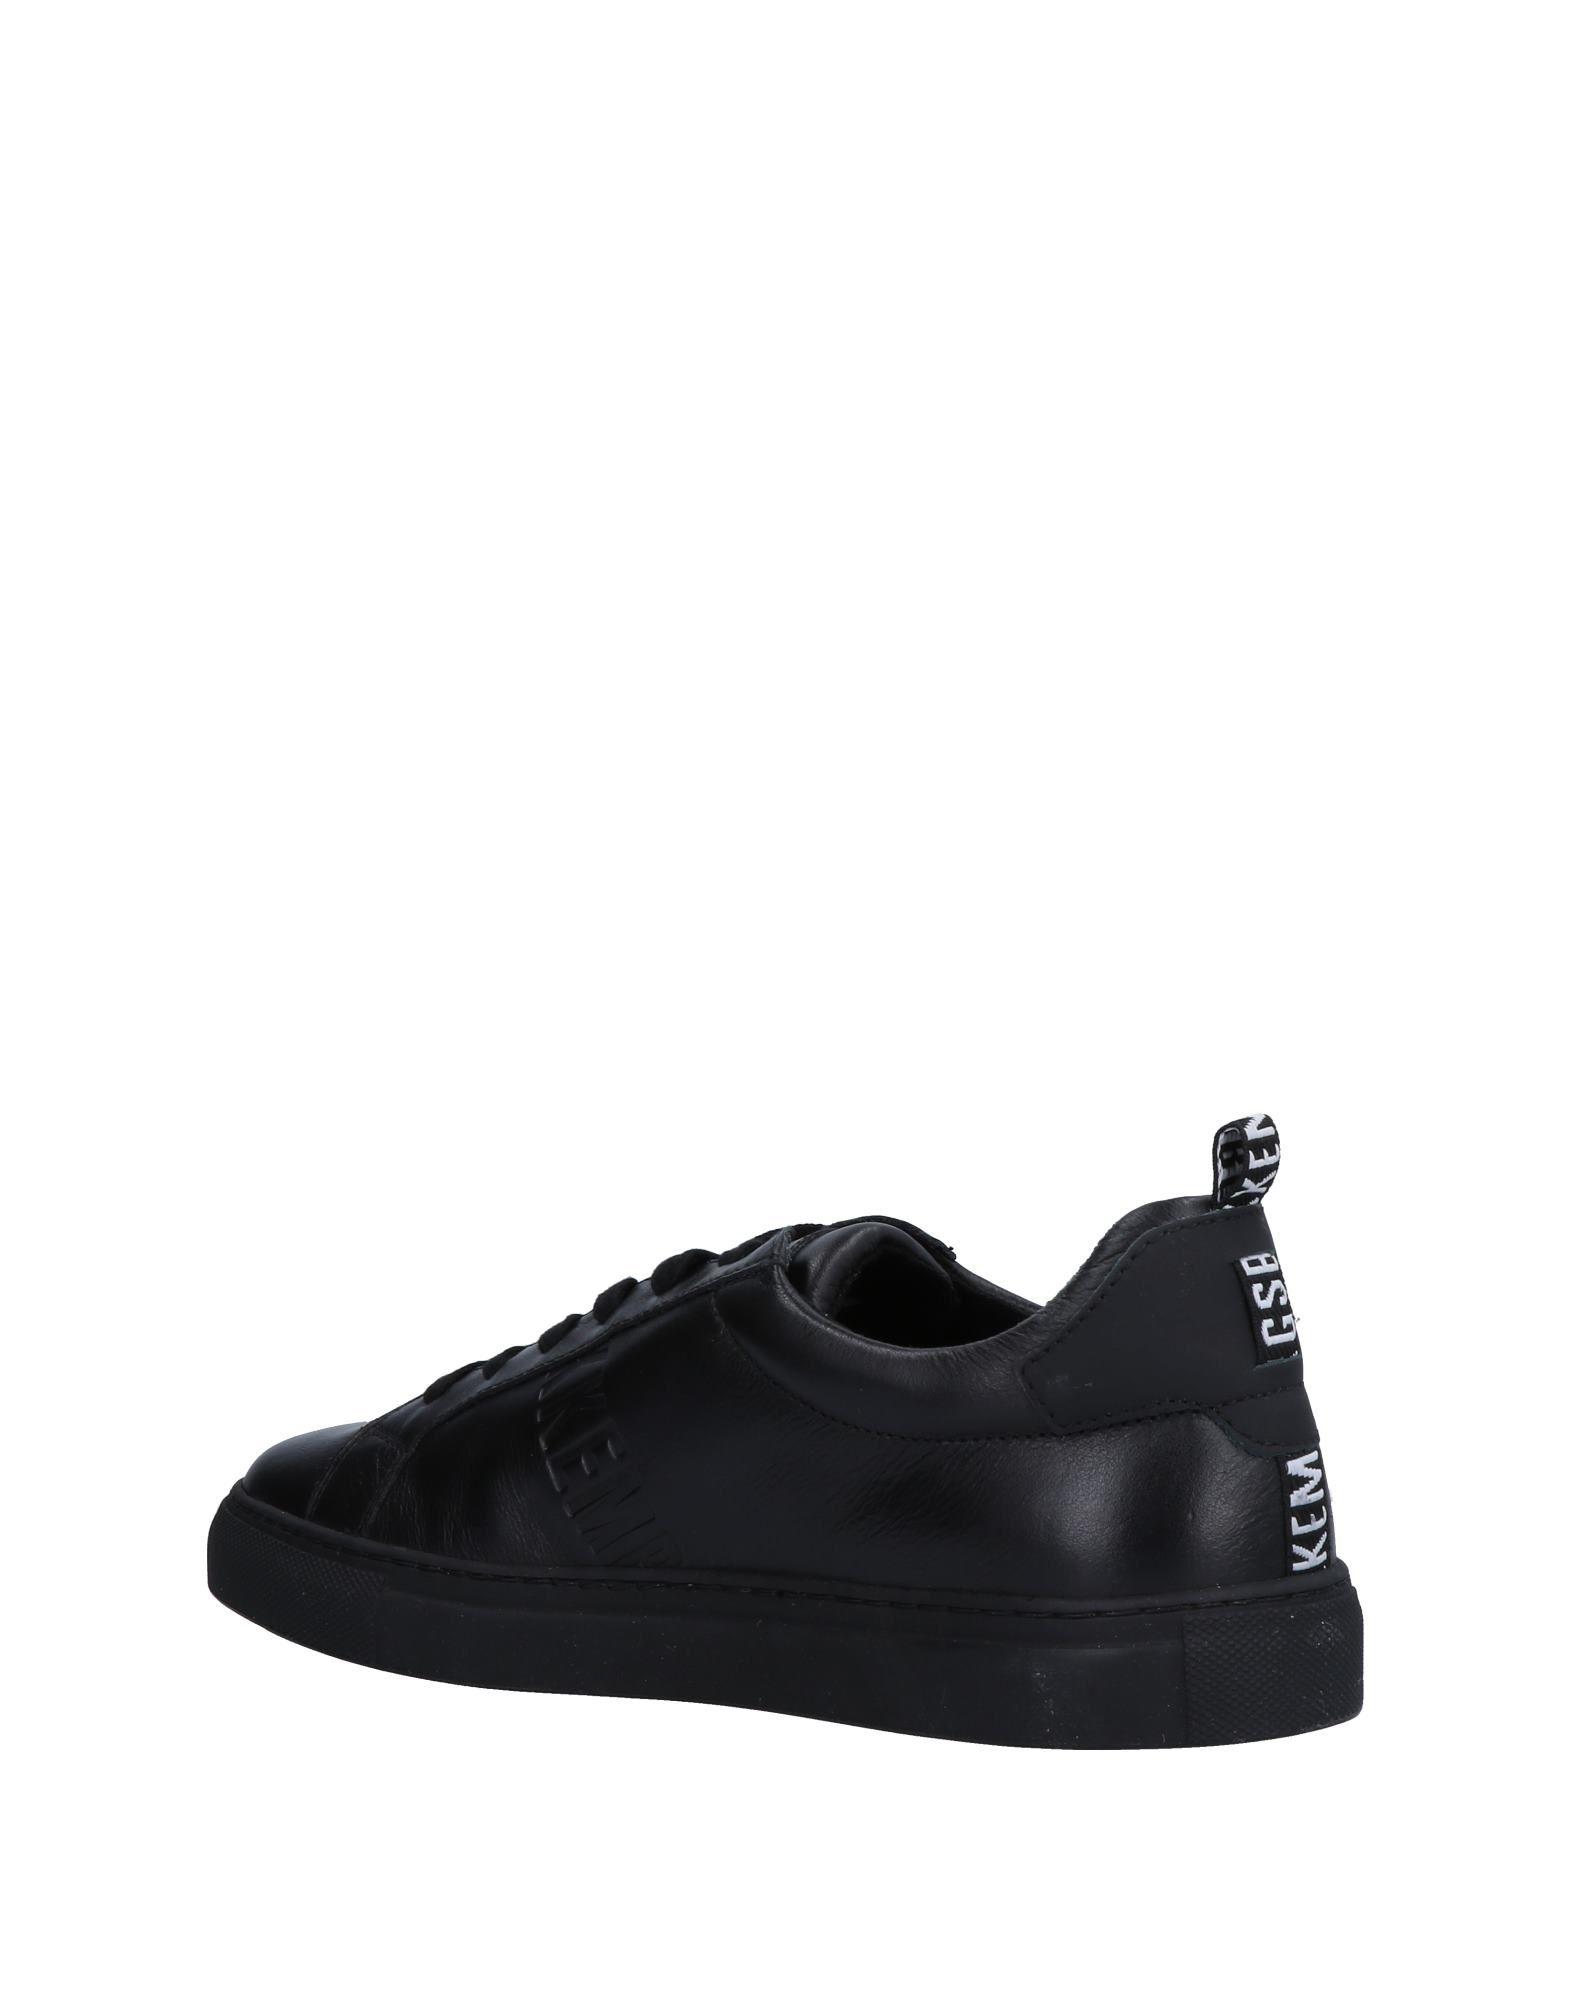 Rabatt echte Schuhe Bikkembergs Herren Sneakers Herren Bikkembergs  11520677HF 460339